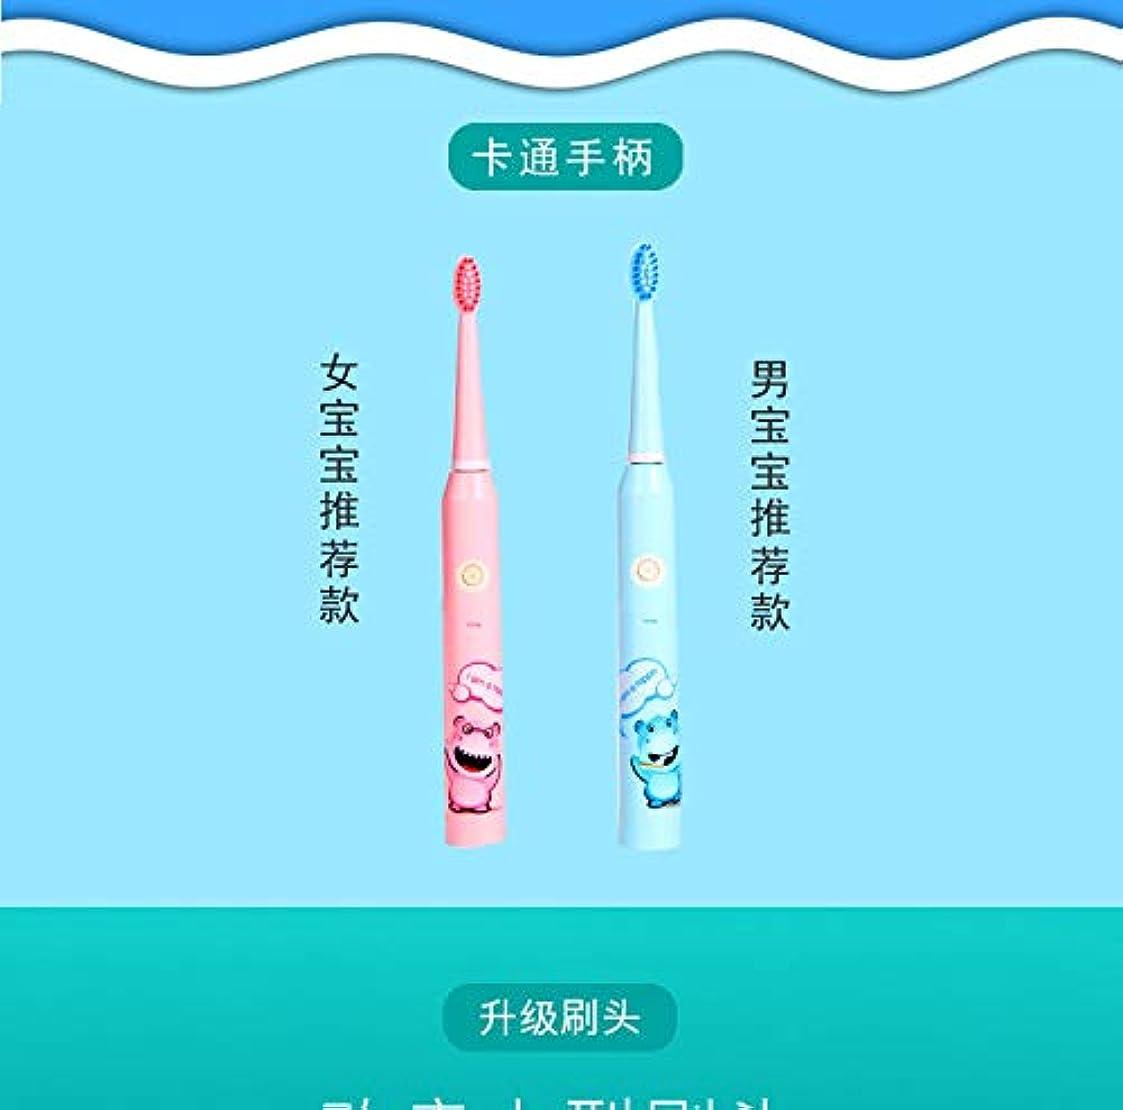 ばかげているベテランアンデス山脈2ピースセット電動子供用歯ブラシソフトヘア歯ブラシ超音波防水全自動歯ブラシ